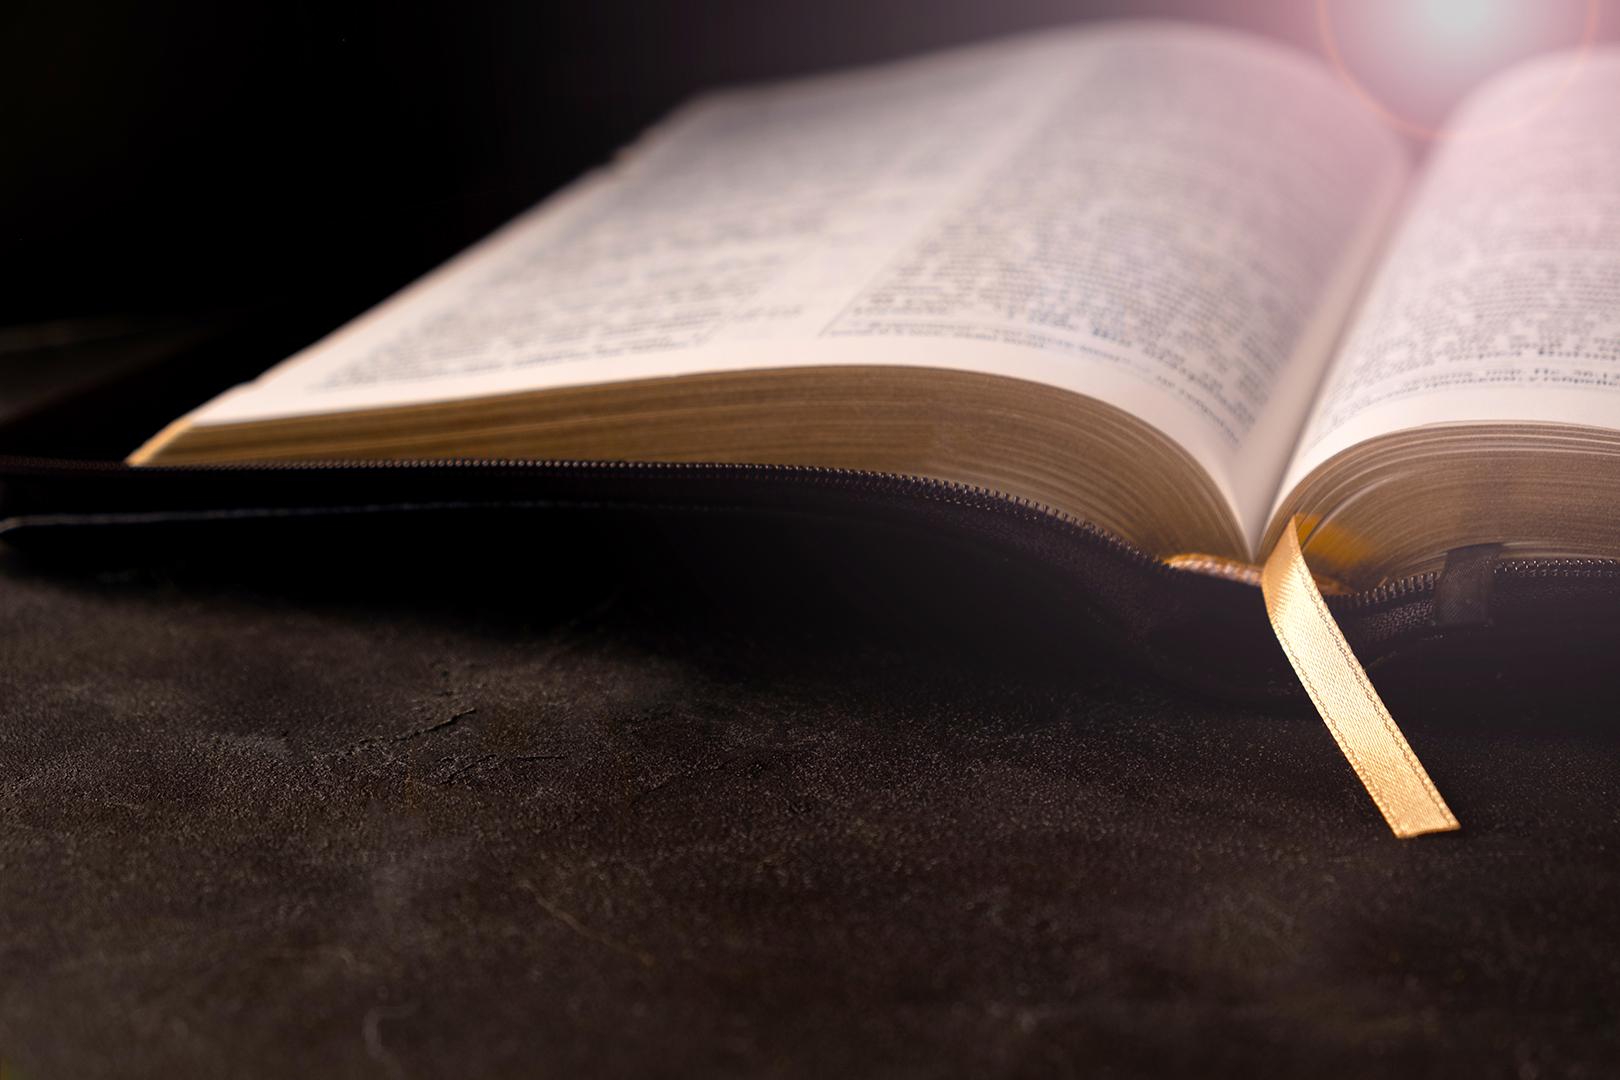 Lea la Biblia en un año : 268º día11 min read